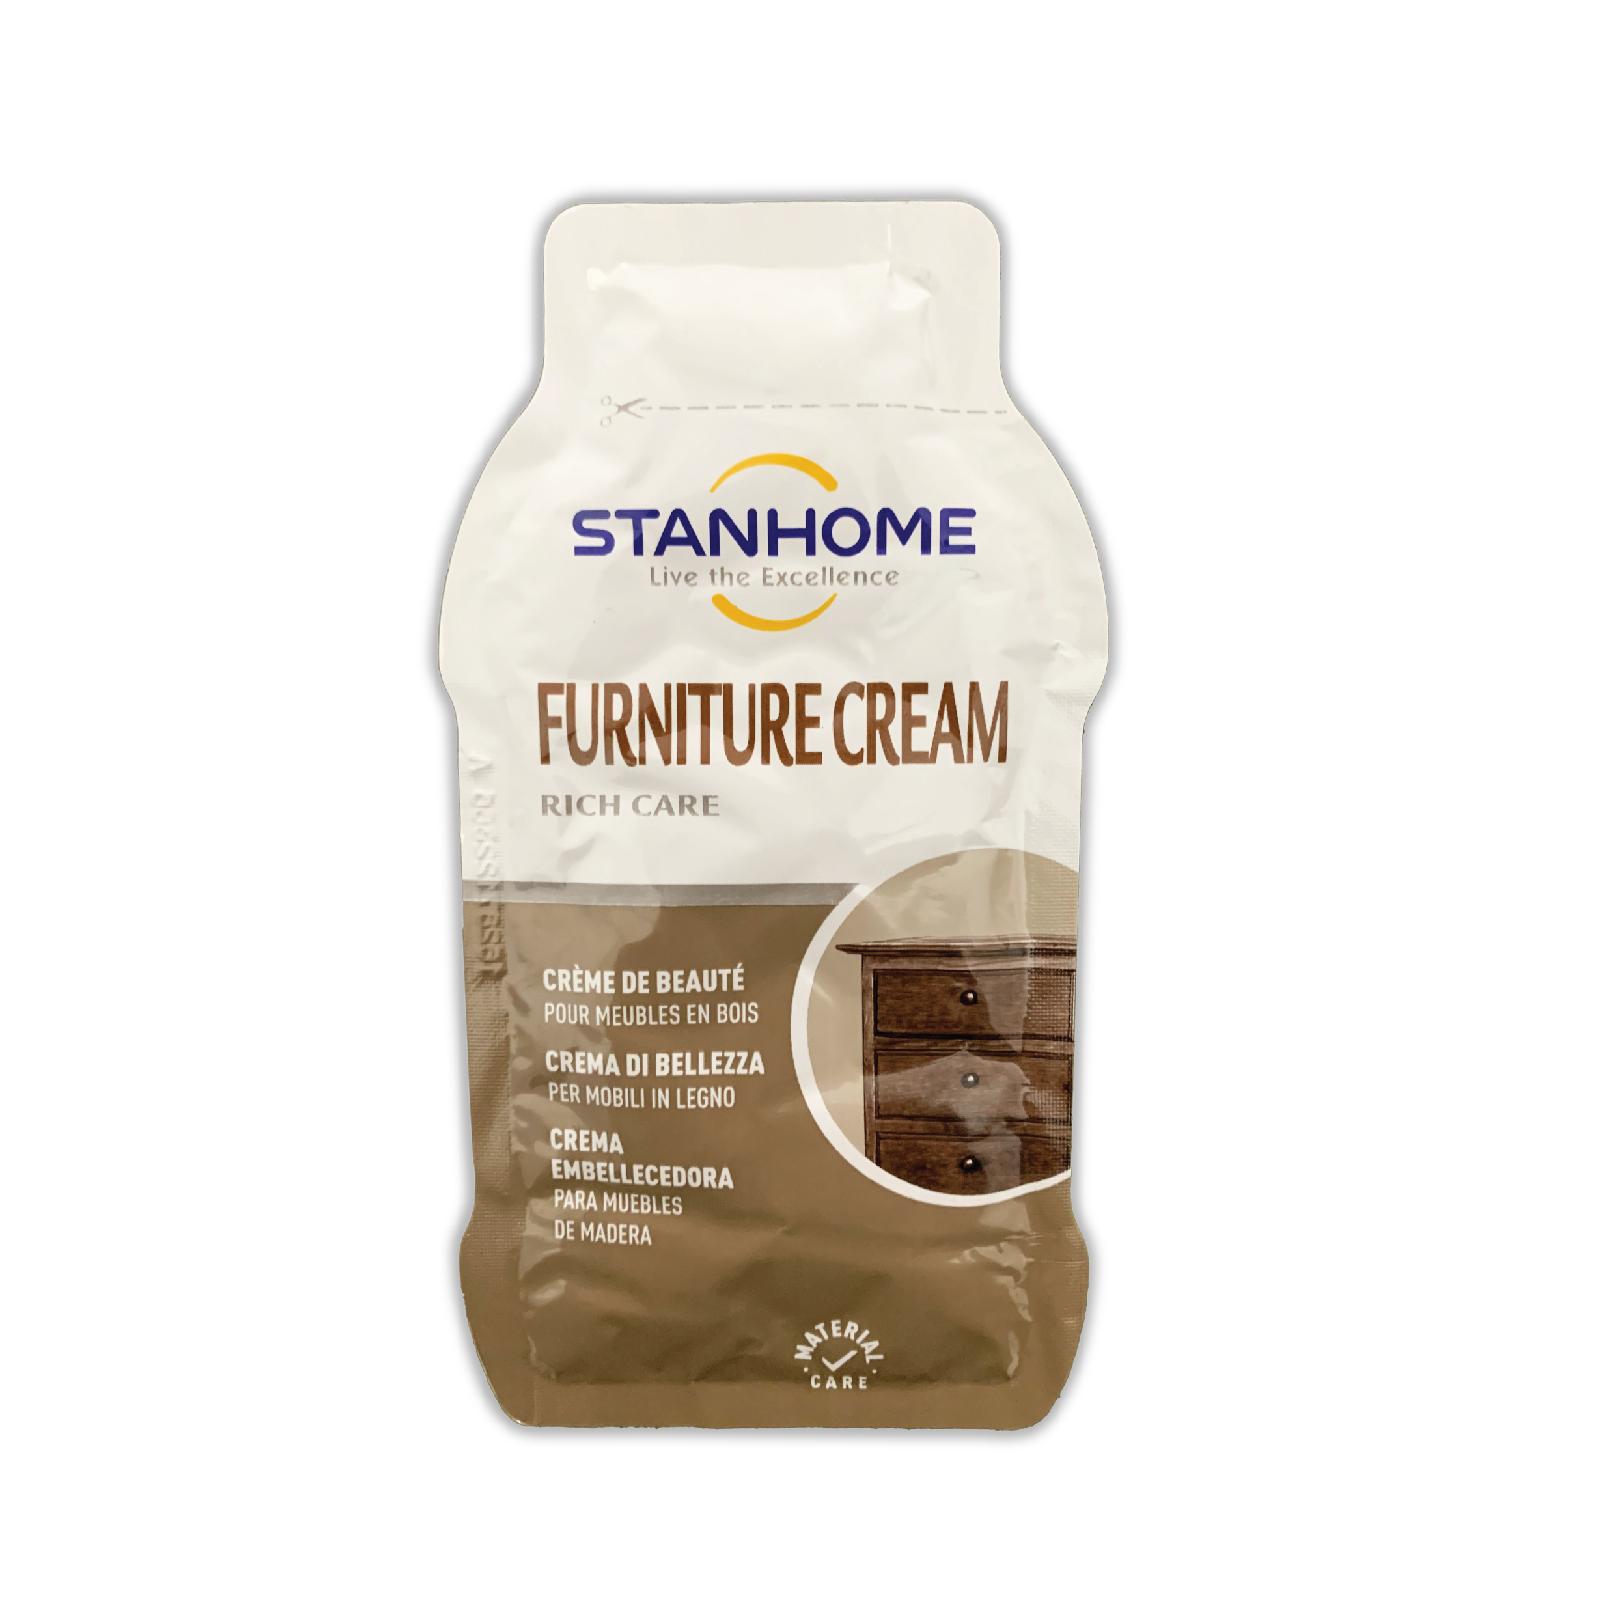 Gói mẫu dùng thử Kem dưỡng làm sạch đồ gỗ Stanhome Furniture Cream 25ml/gói